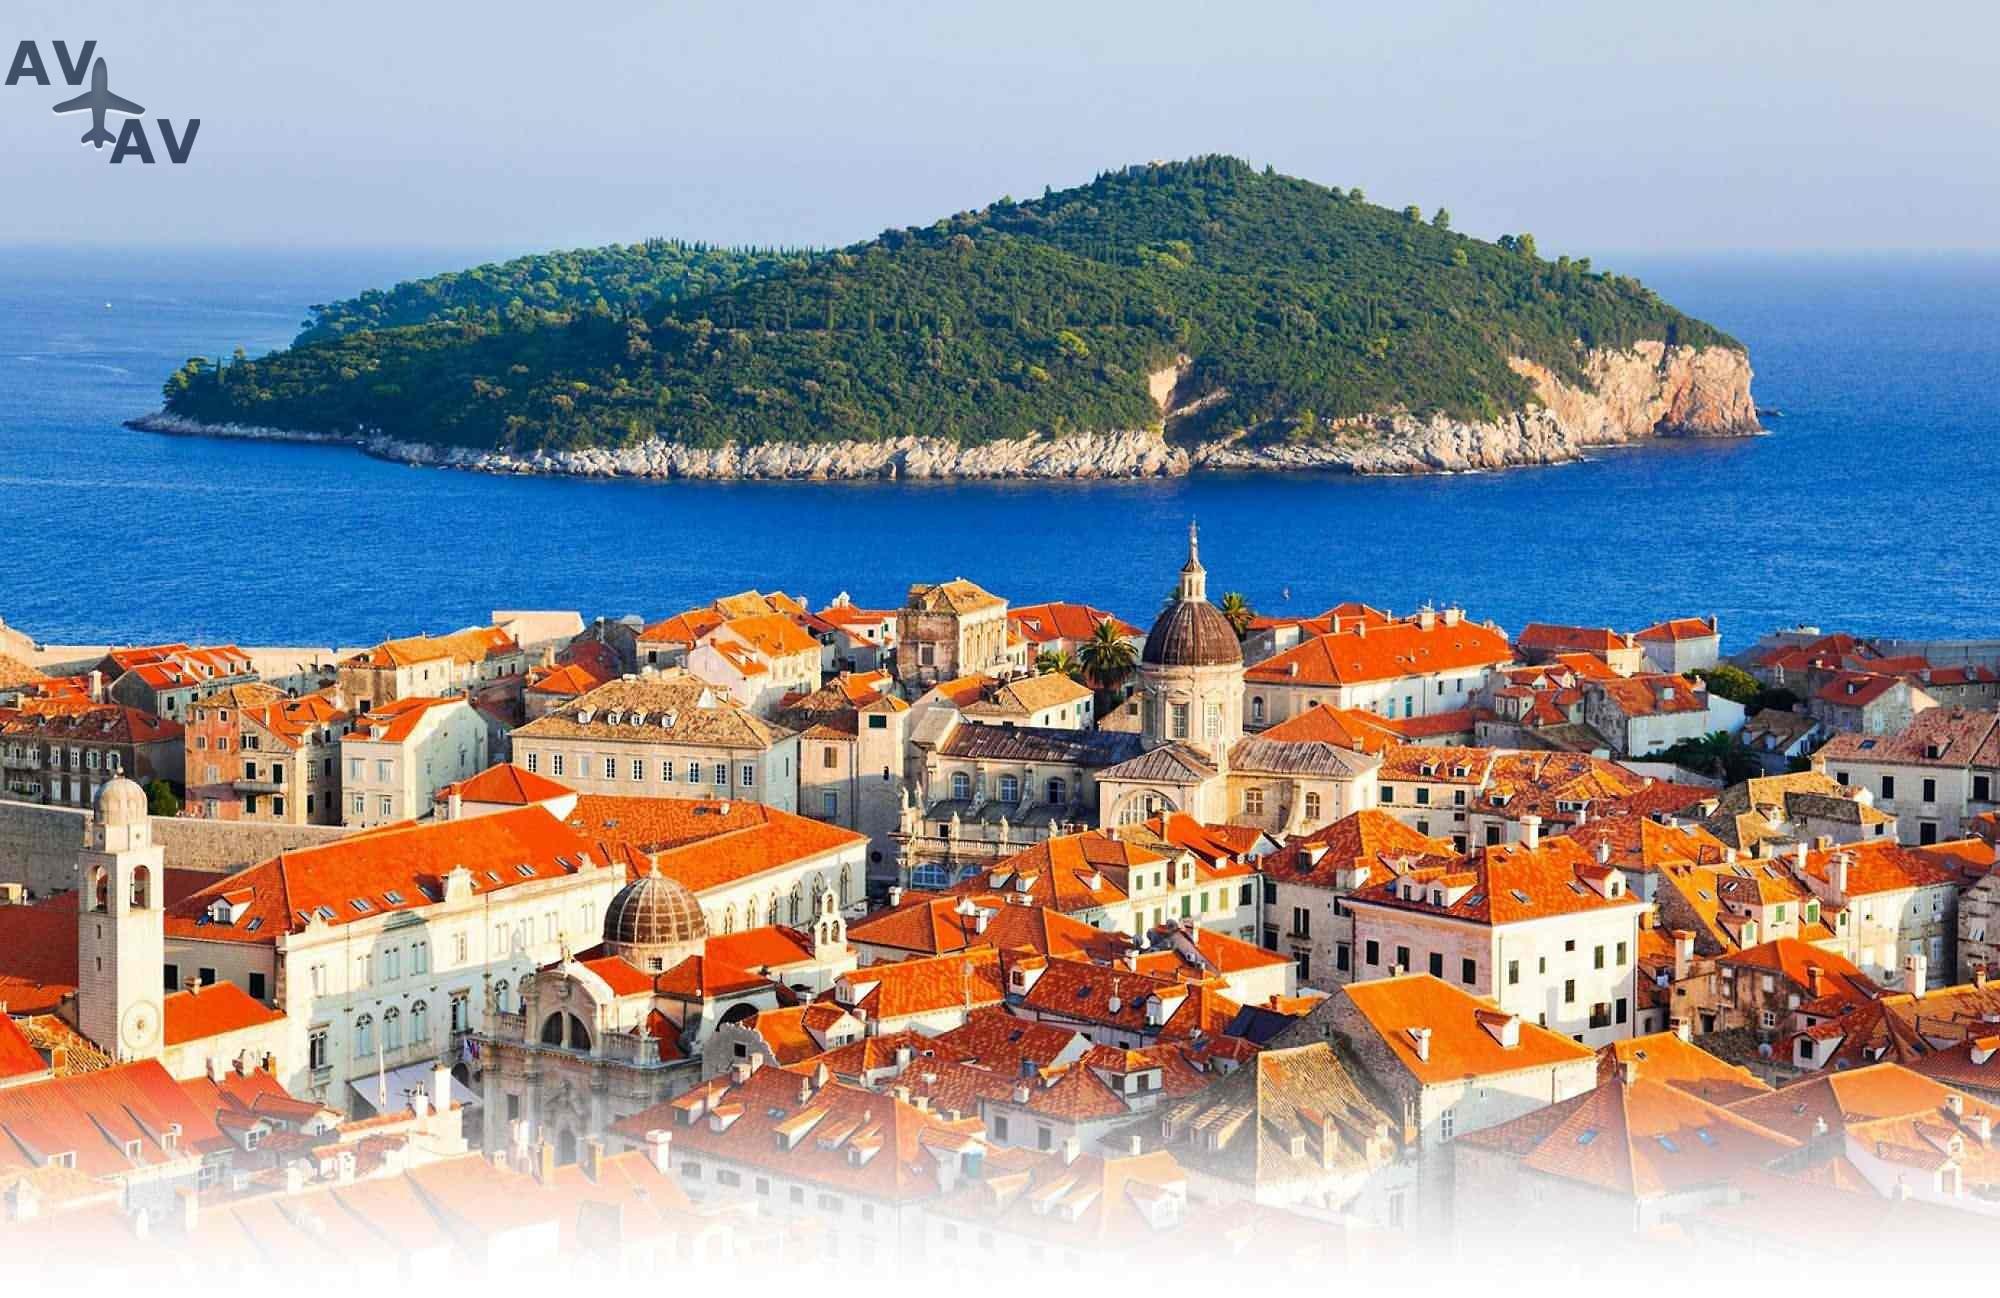 Kak mozhno otdohnut v Horvatii - Как можно отдохнуть в Хорватии